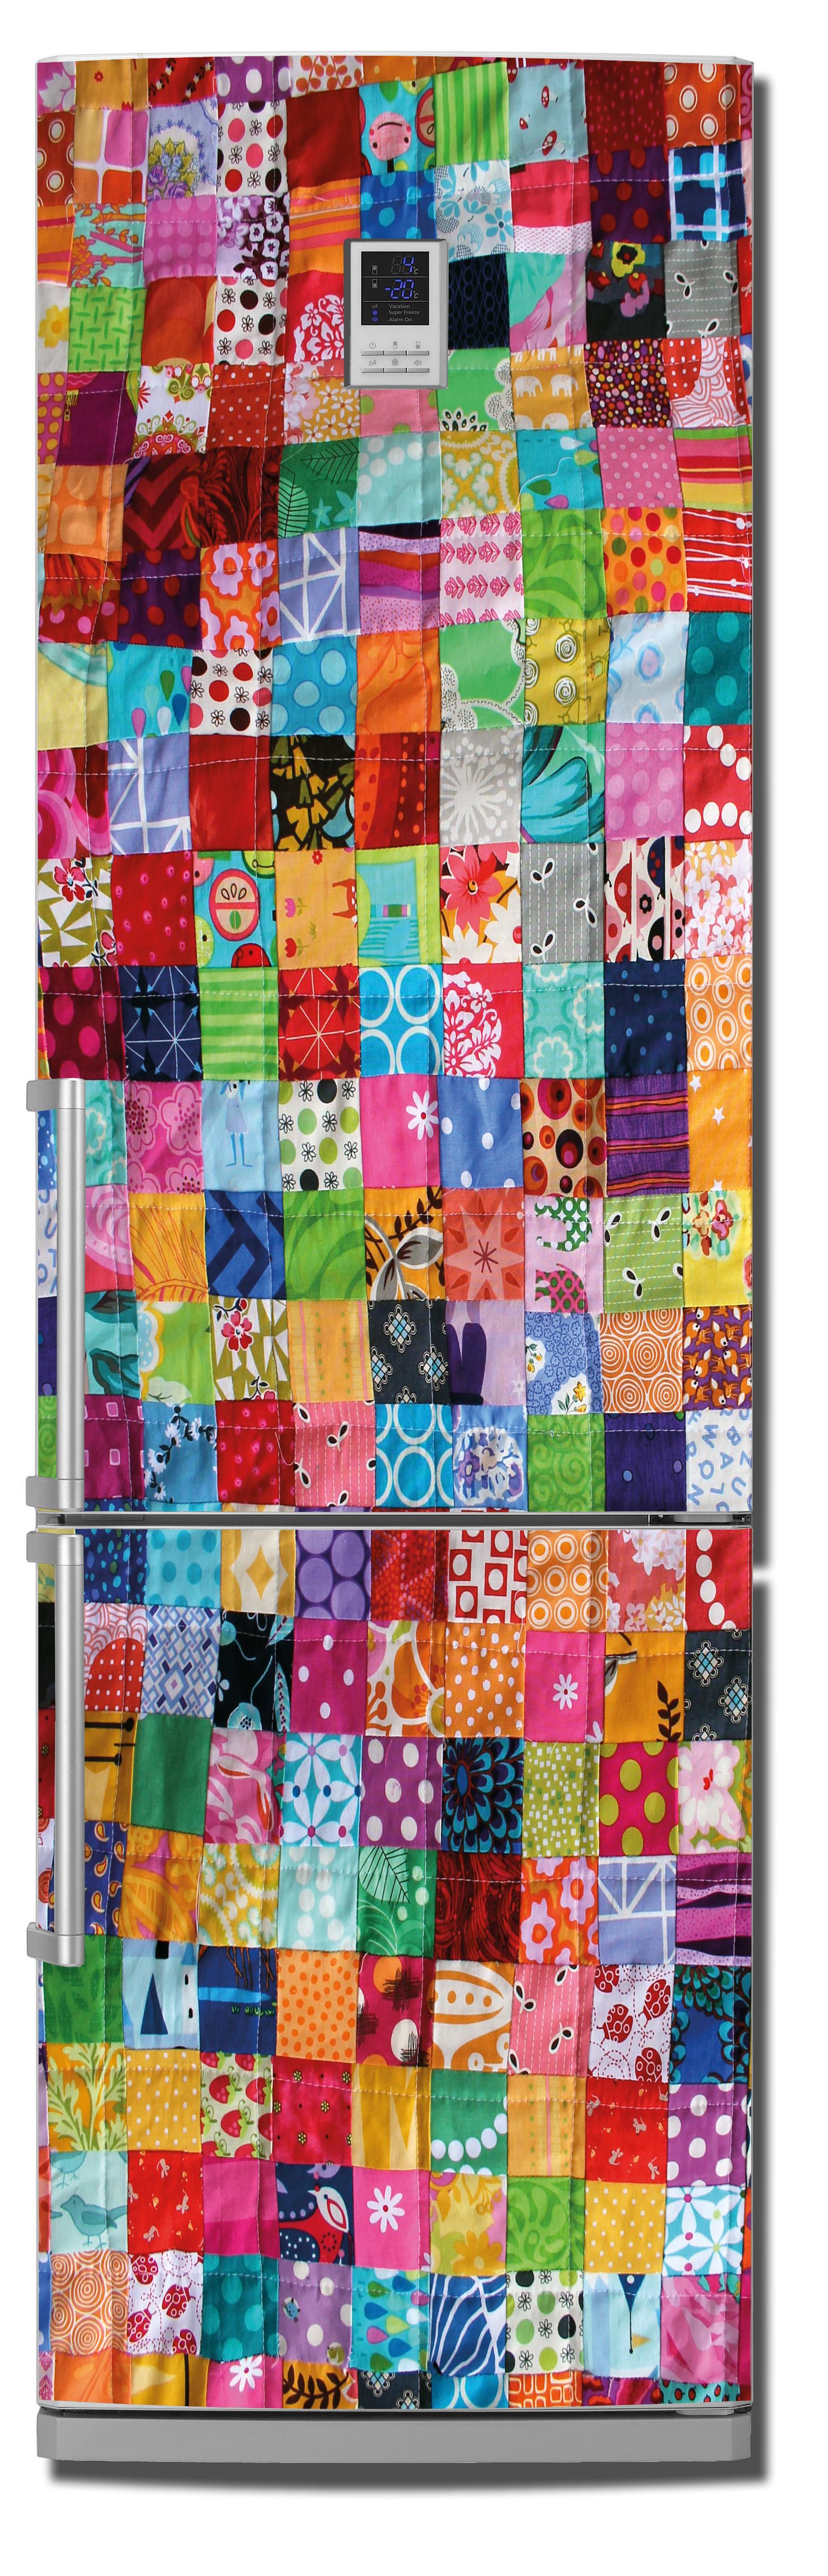 виниловый стикер на холодильник - Лоскутное одеяло